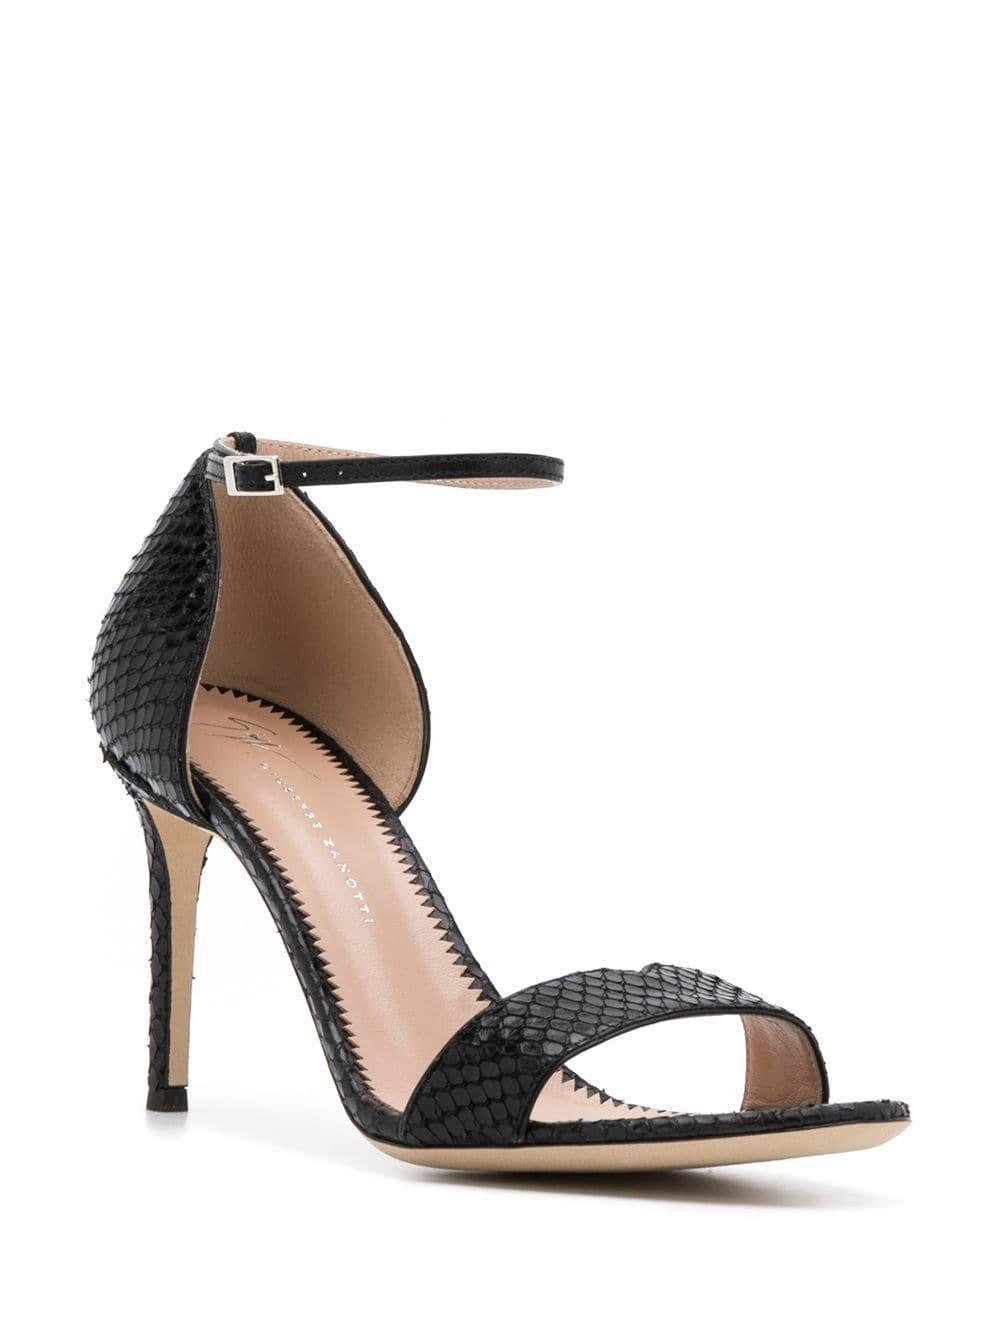 7b35d516b55 Lyst - Giuseppe Zanotti Snakeskin Effect Sandals in Black